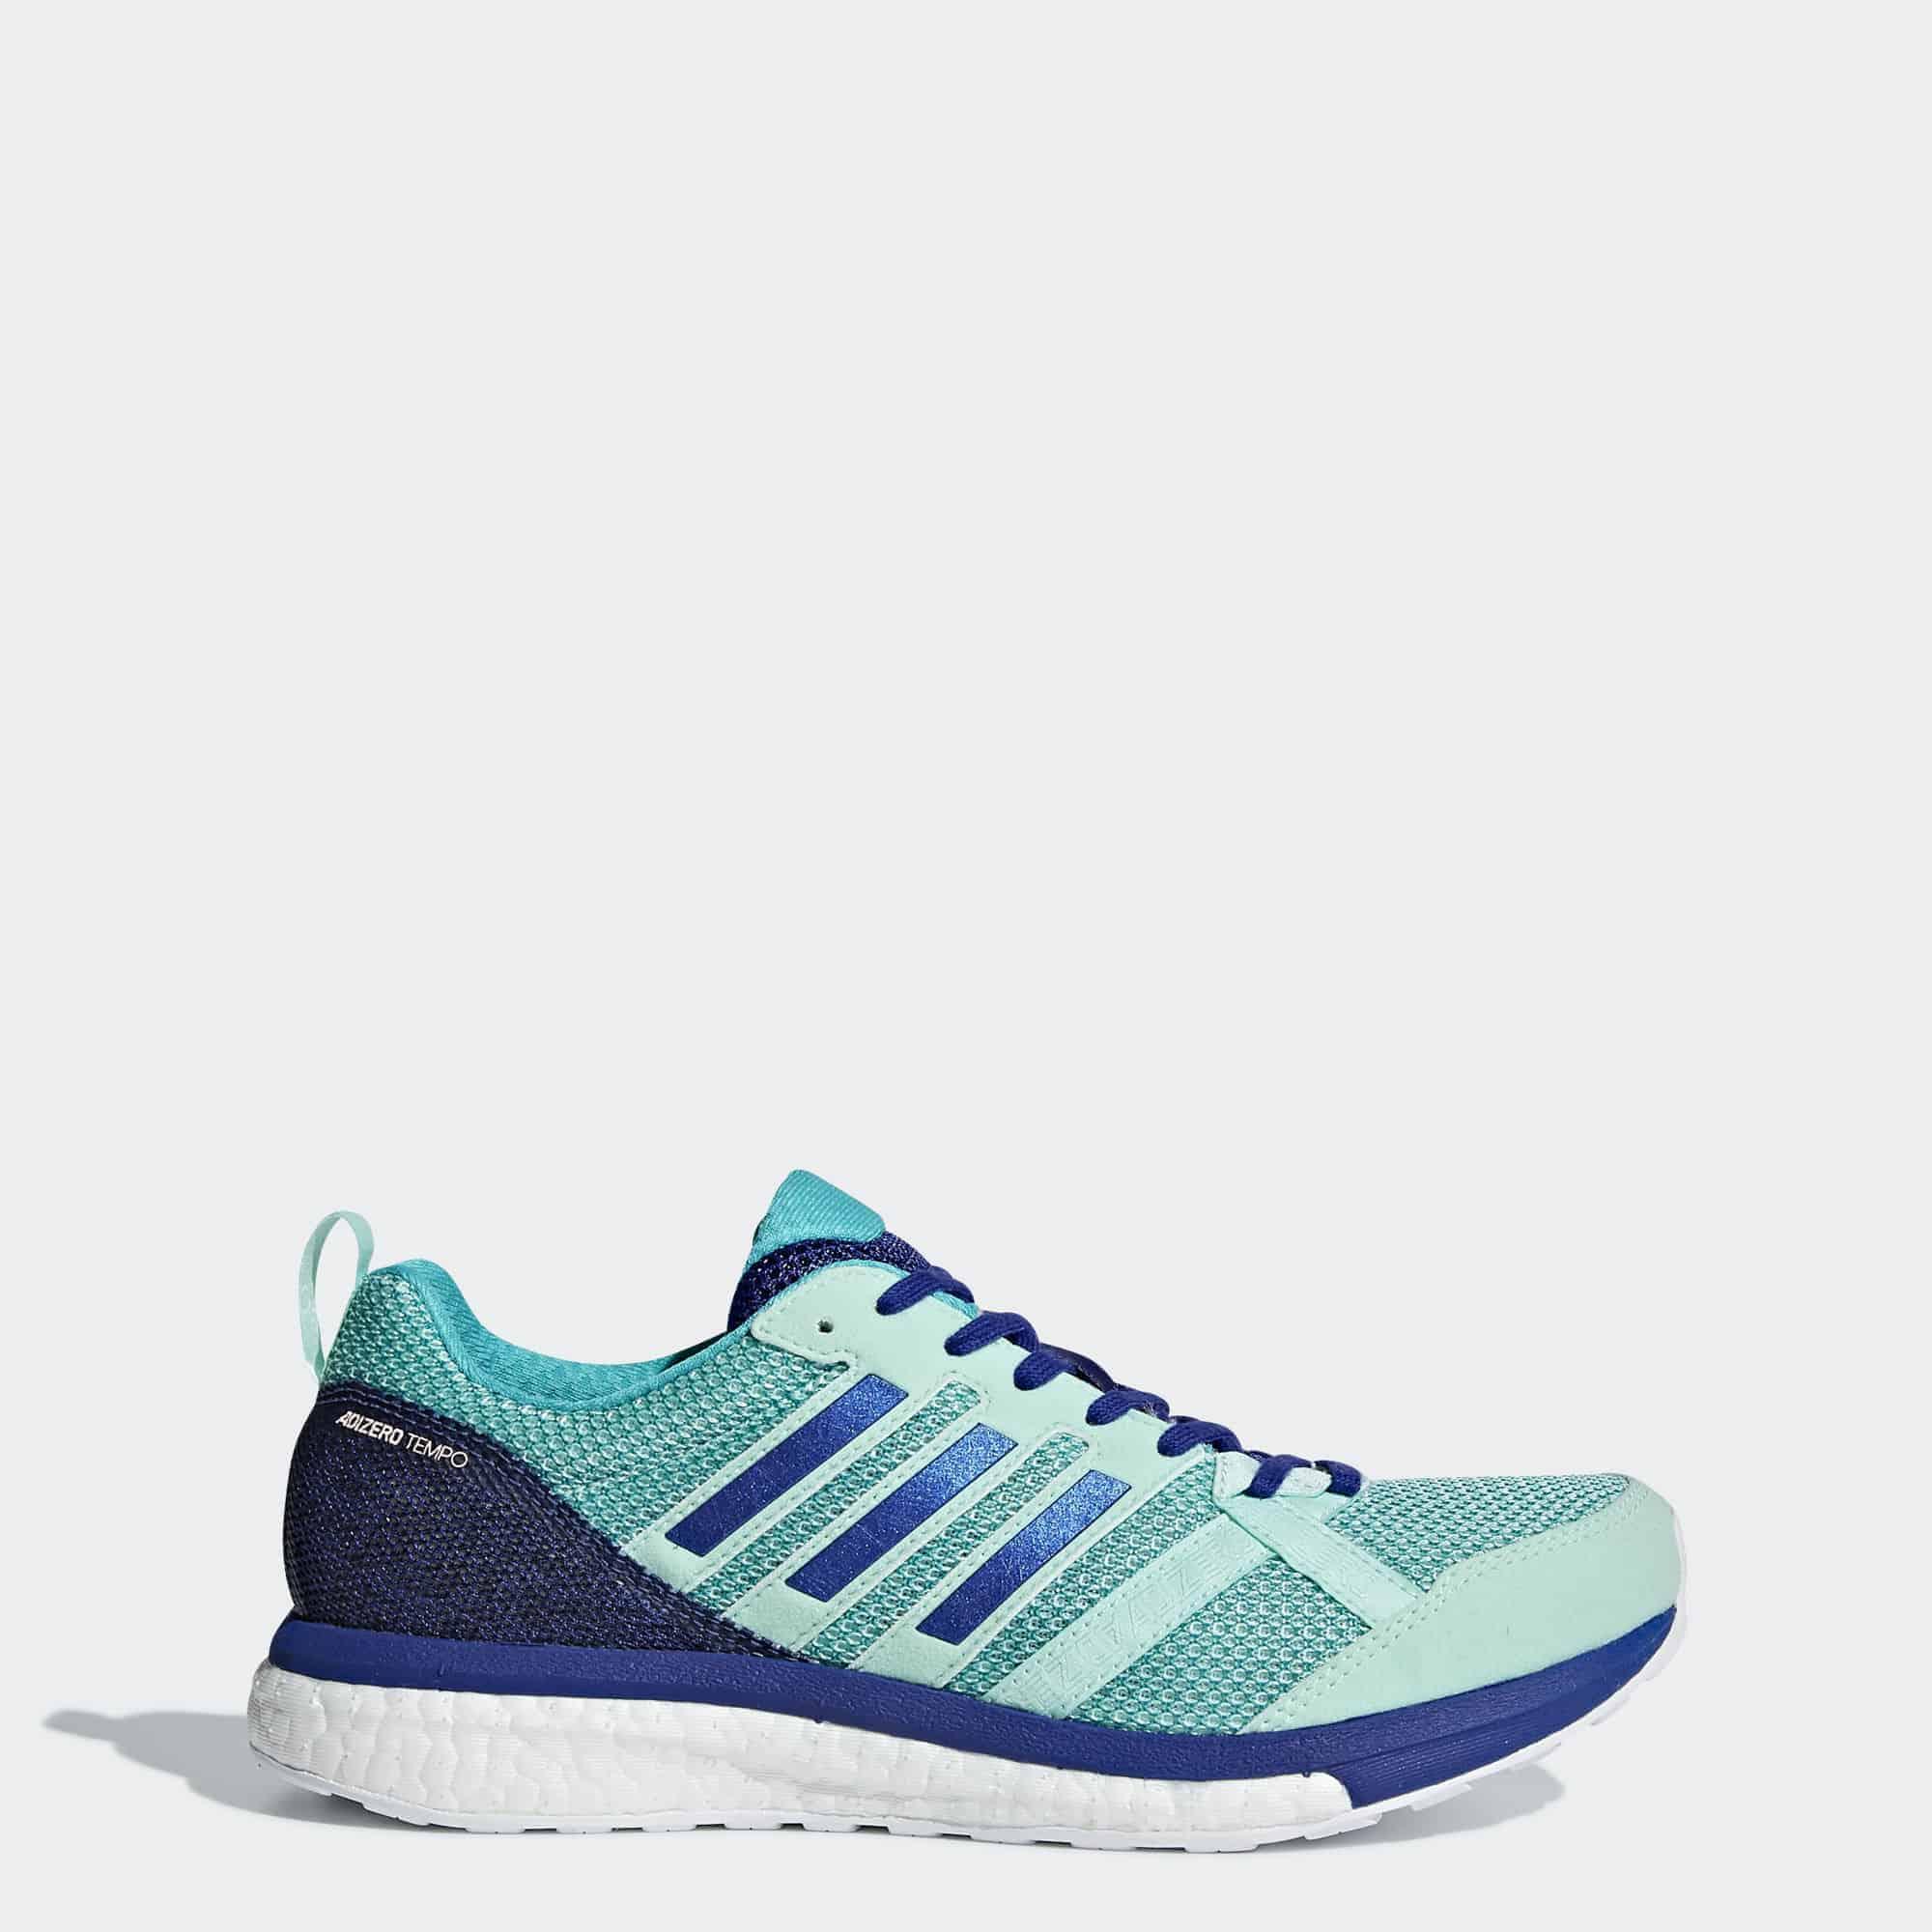 Кроссовки для бега Adidas Adizero Tempo 9 женские